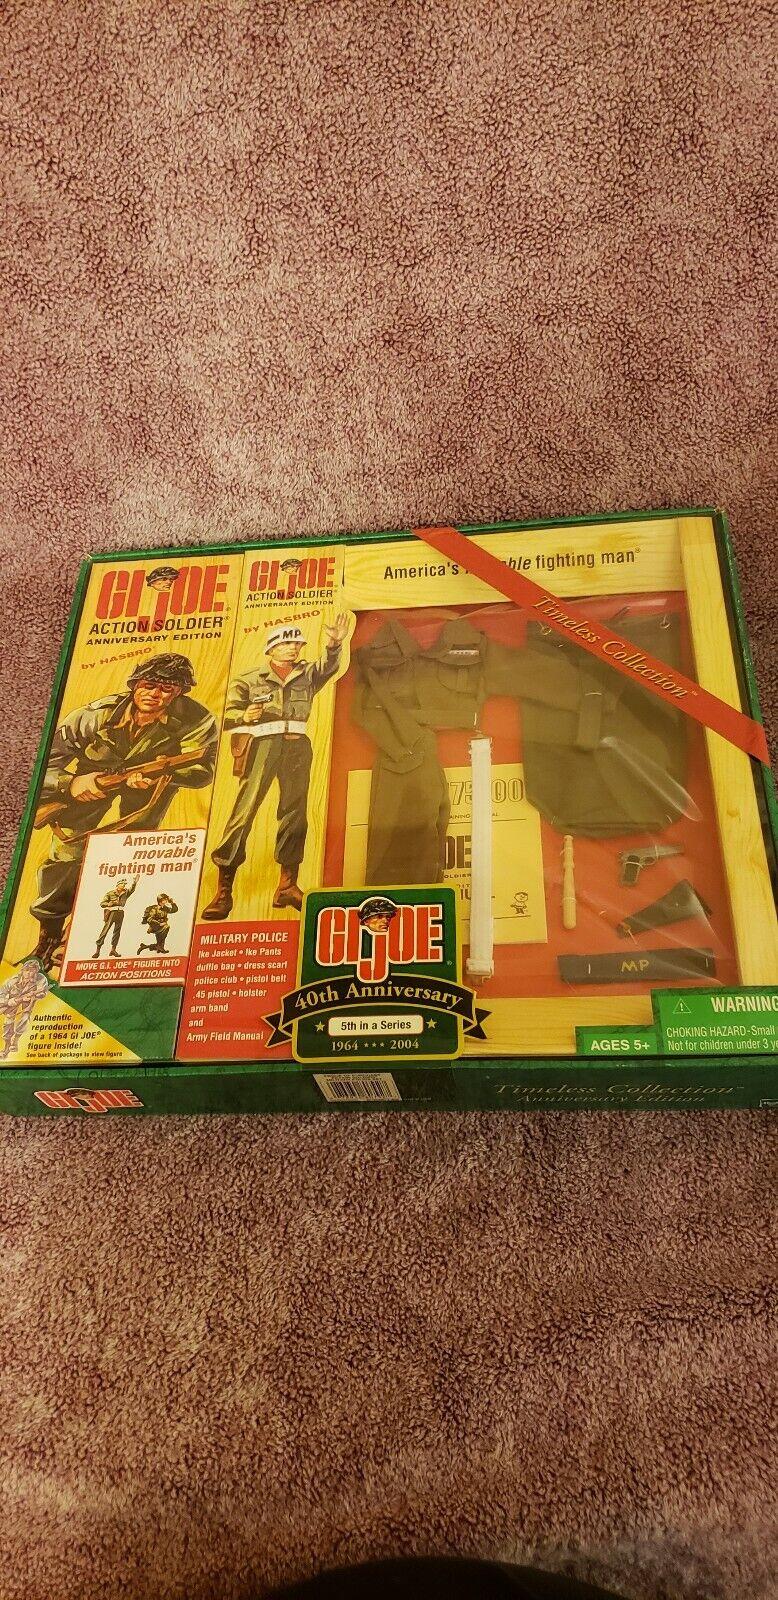 Gi Joe Soldado de acción 40th Anniversary Edition, policía militar 5th en una serie